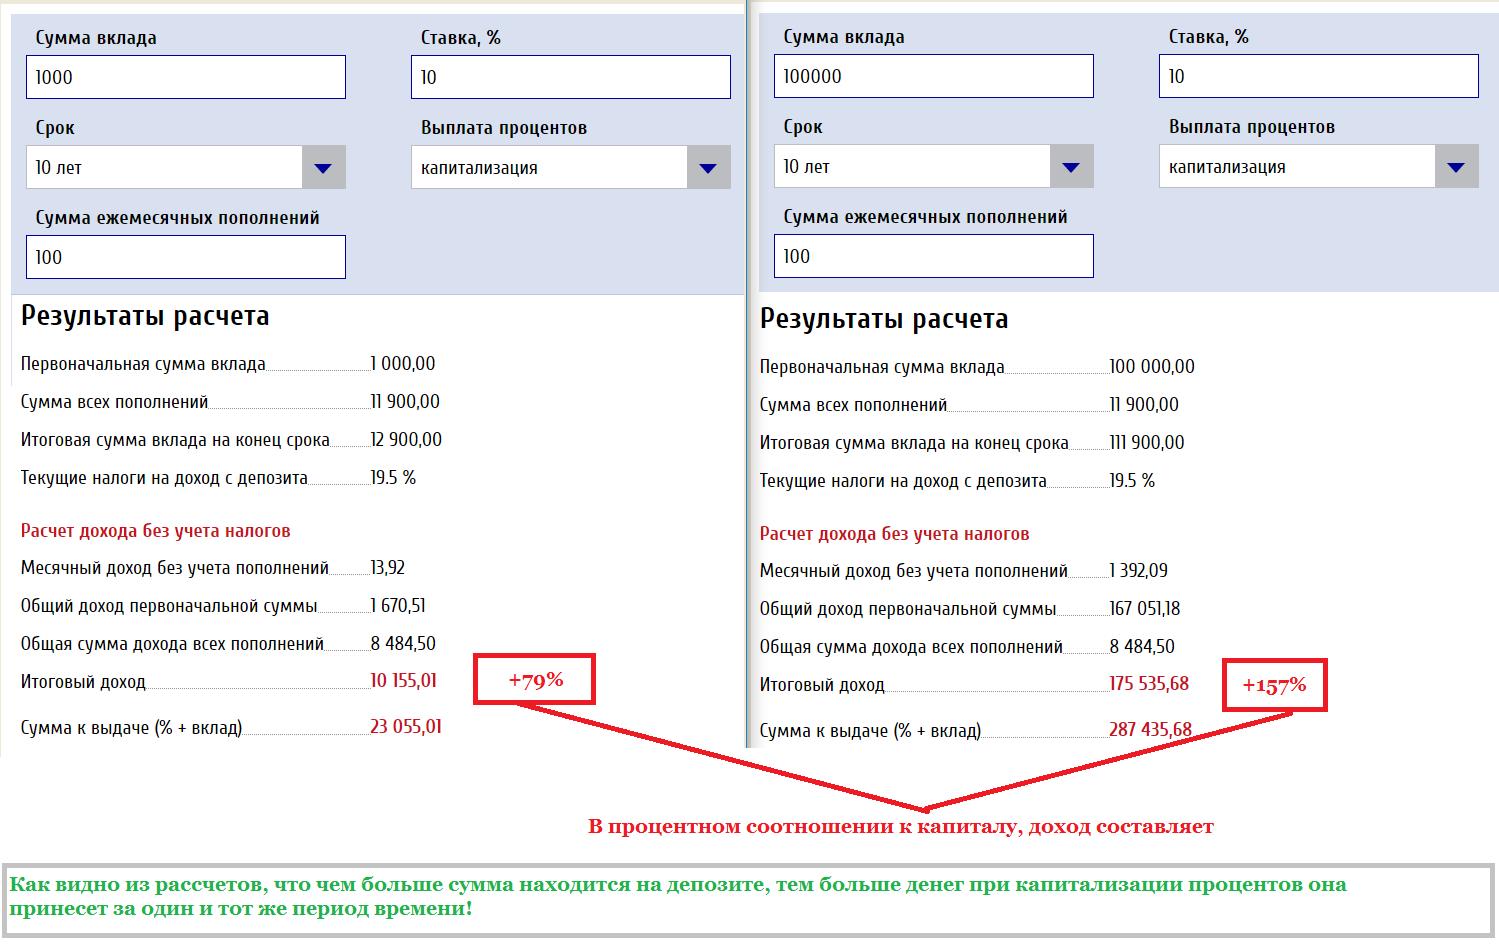 Пример капитализации процентов на крупной и мелкой суммах вкладов